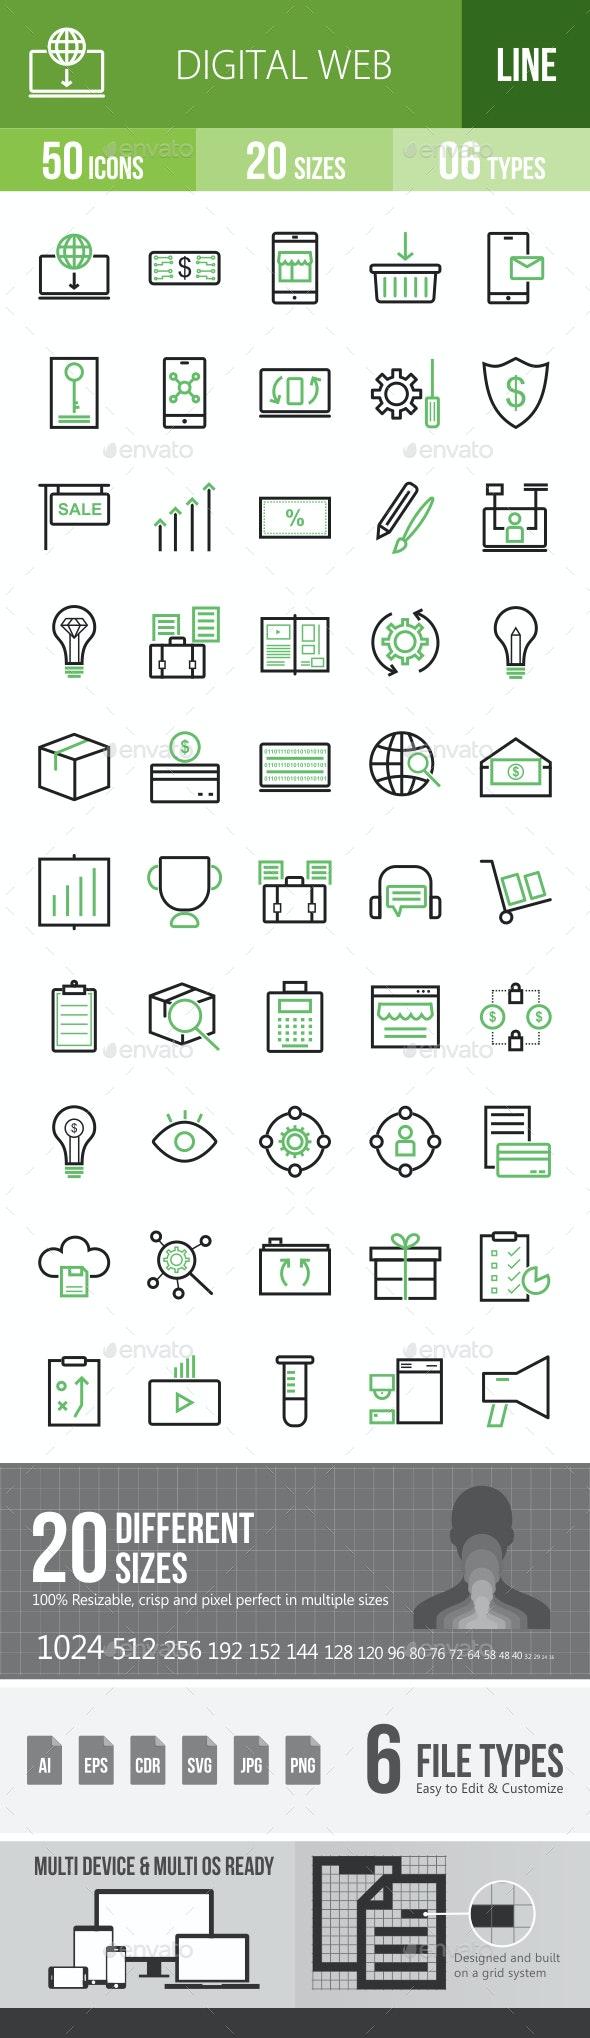 Digital Web Line Green & Black Icons - Icons